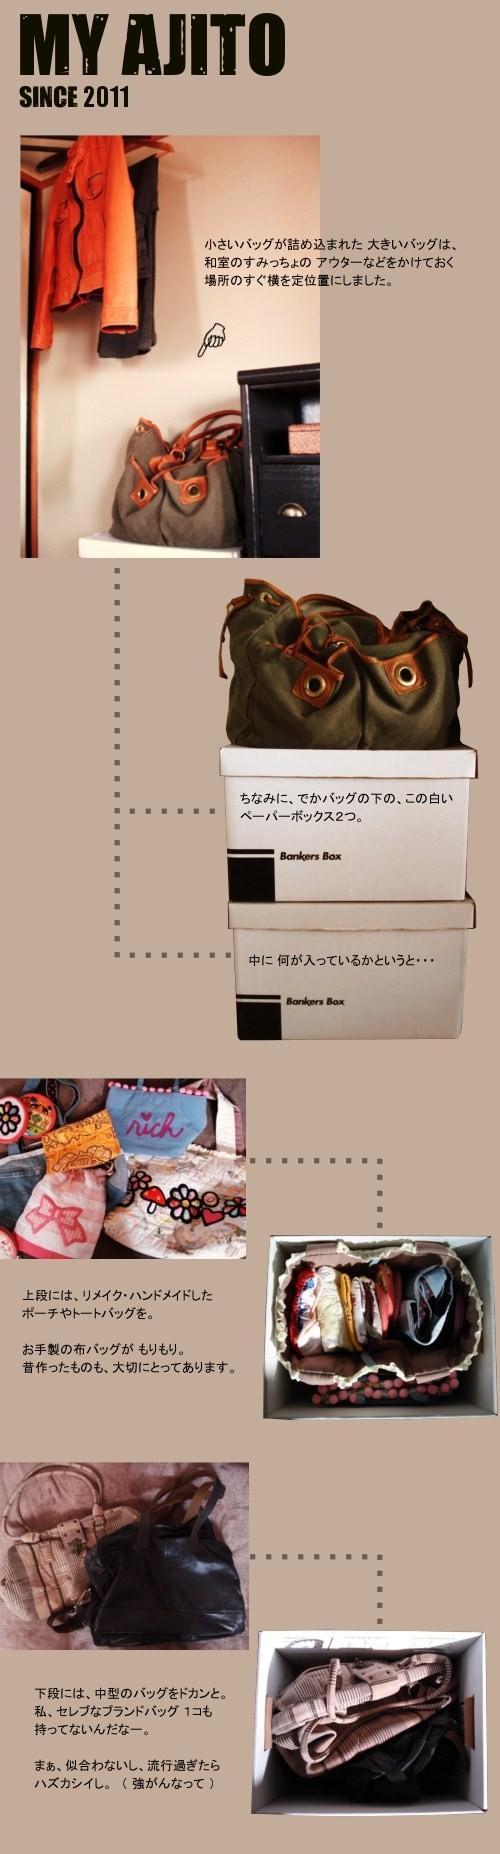 hukuro4.jpg